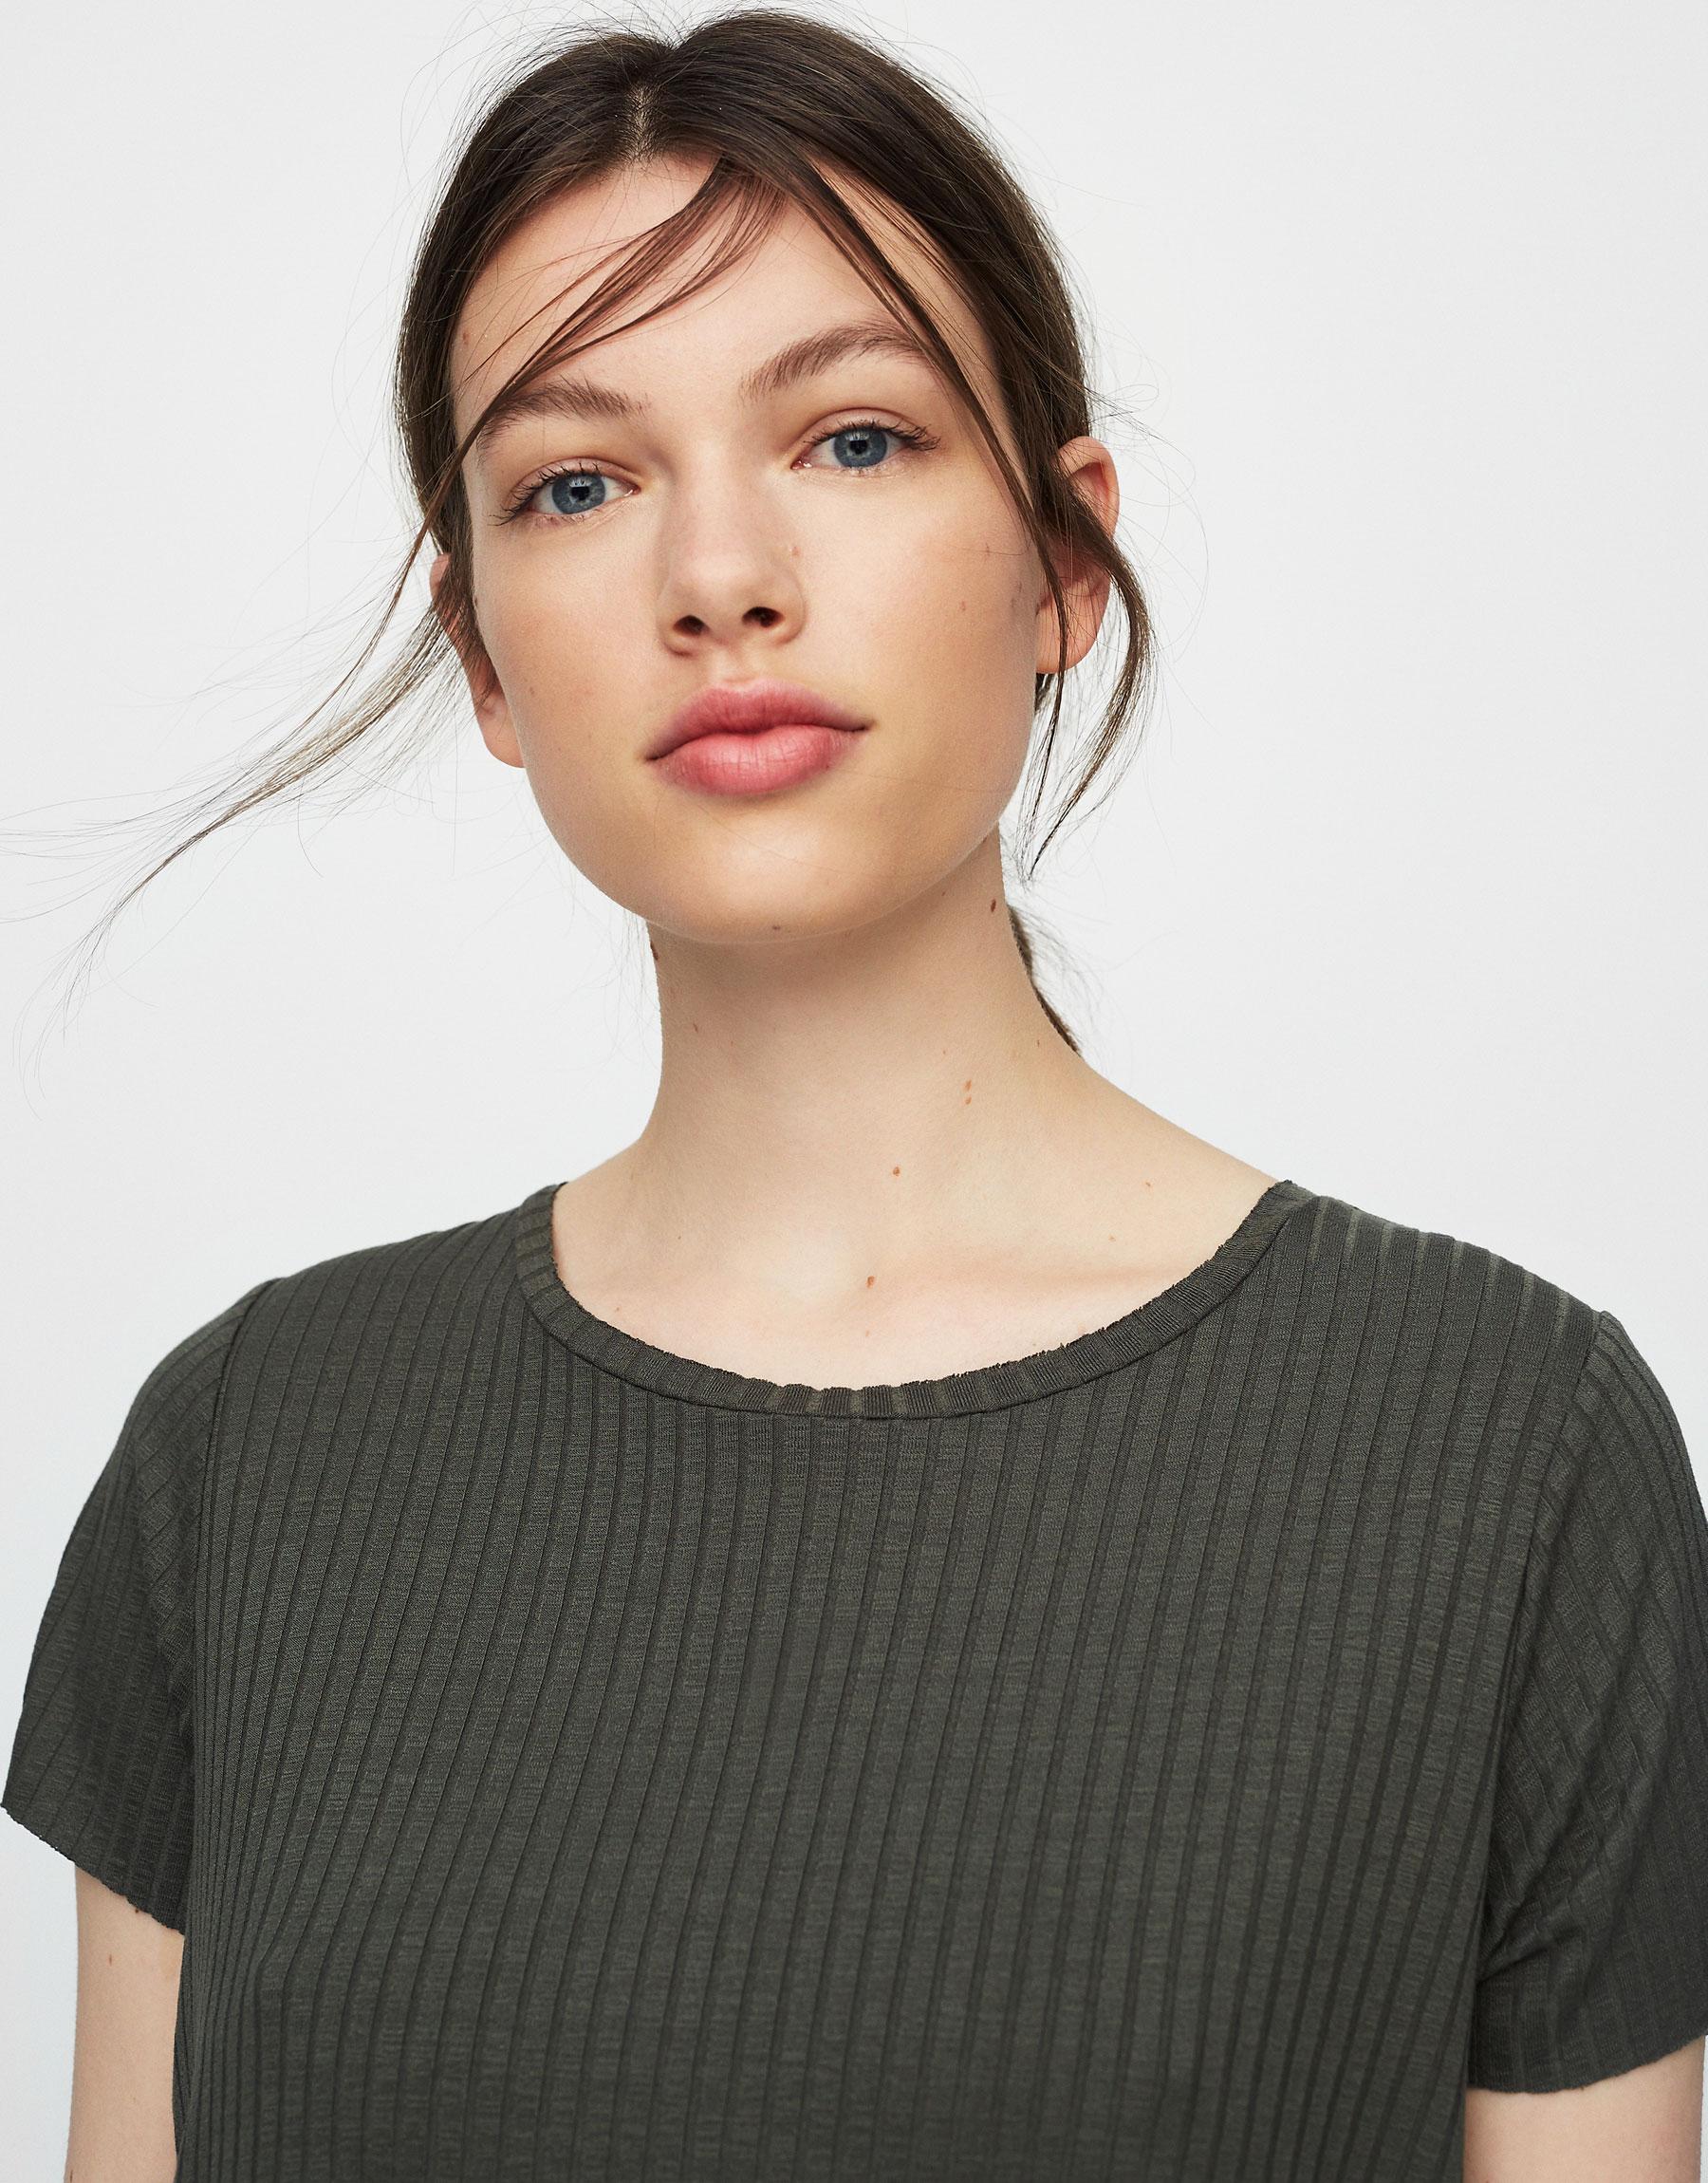 T-shirt canelada de manga curta